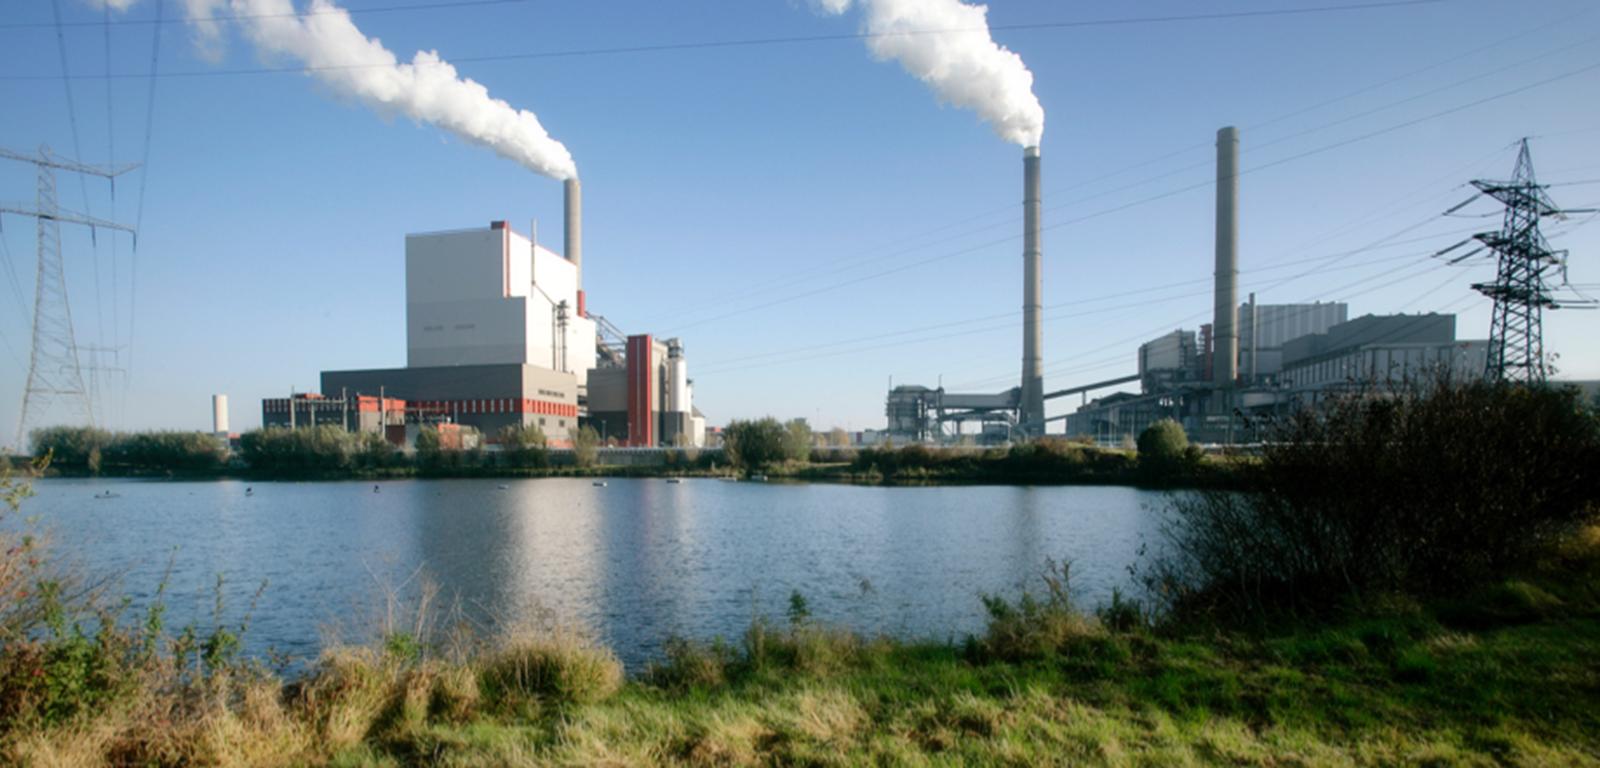 Sterke infrastructuur versnelt transitie en maakt industrie aanjager van de economie